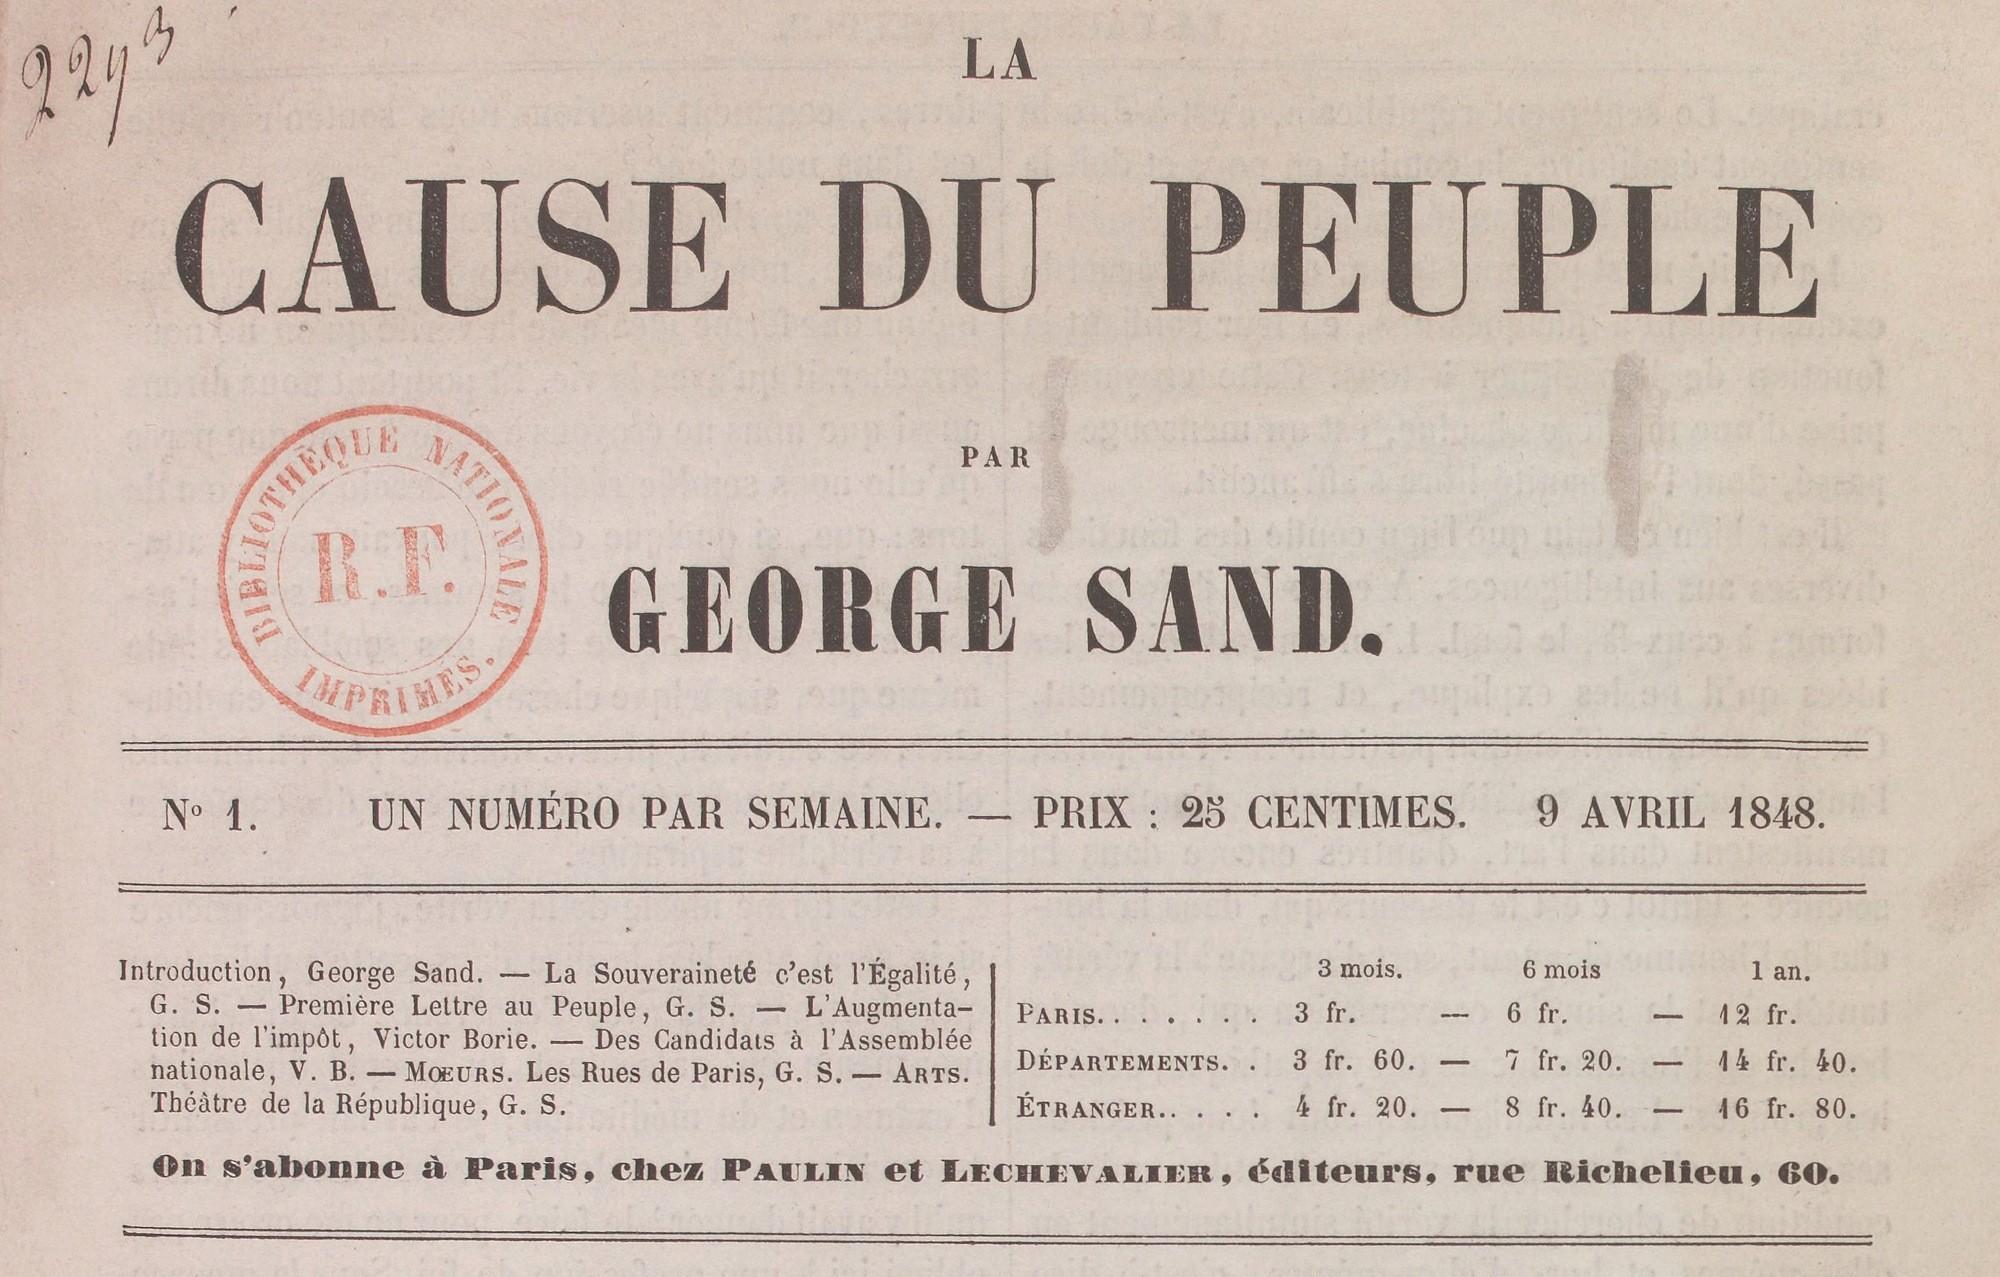 Journal La Cause du peuple, dirigé par George Sand